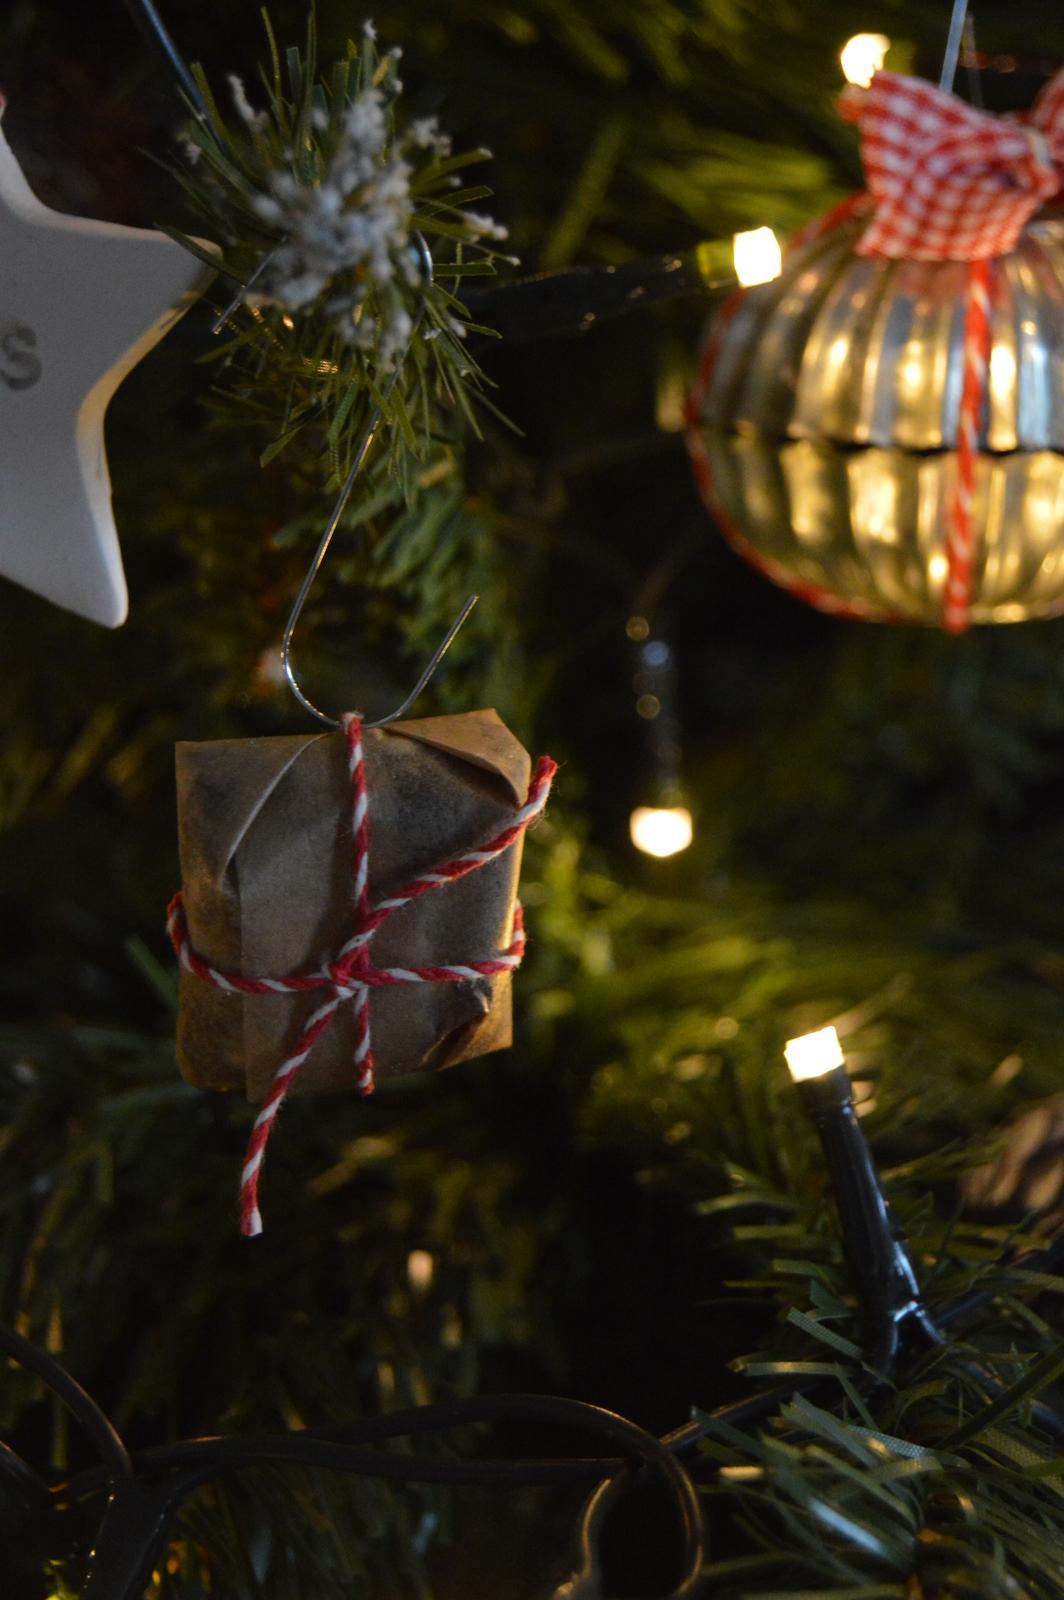 Vianočný čas u nás... - Obrázok č. 33